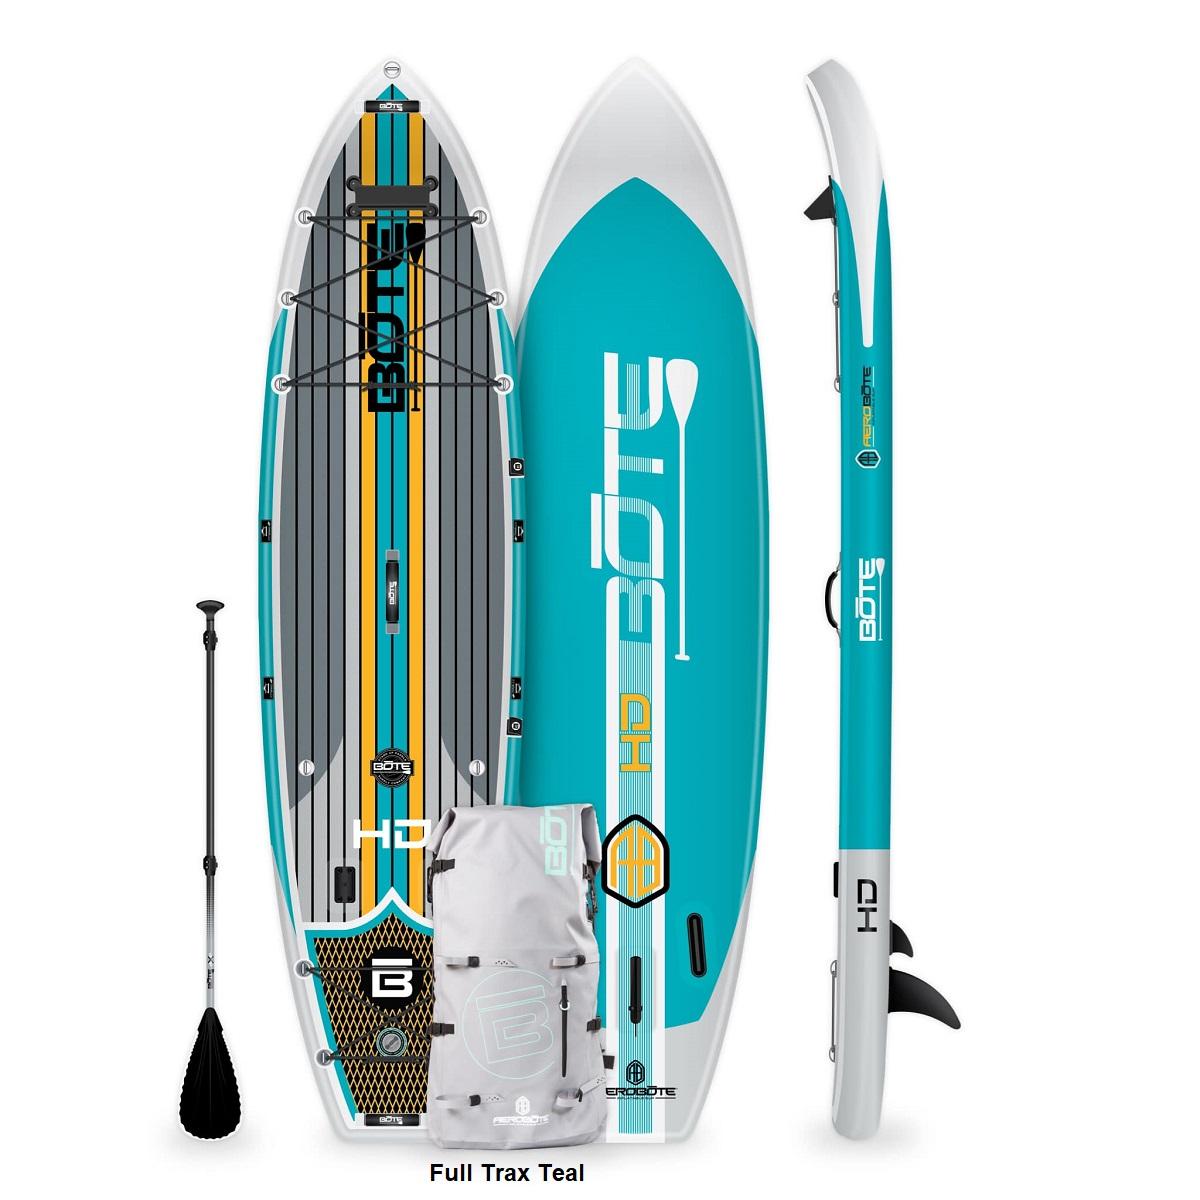 BOTE HD Aero Paddle Board - Full Trax Teal